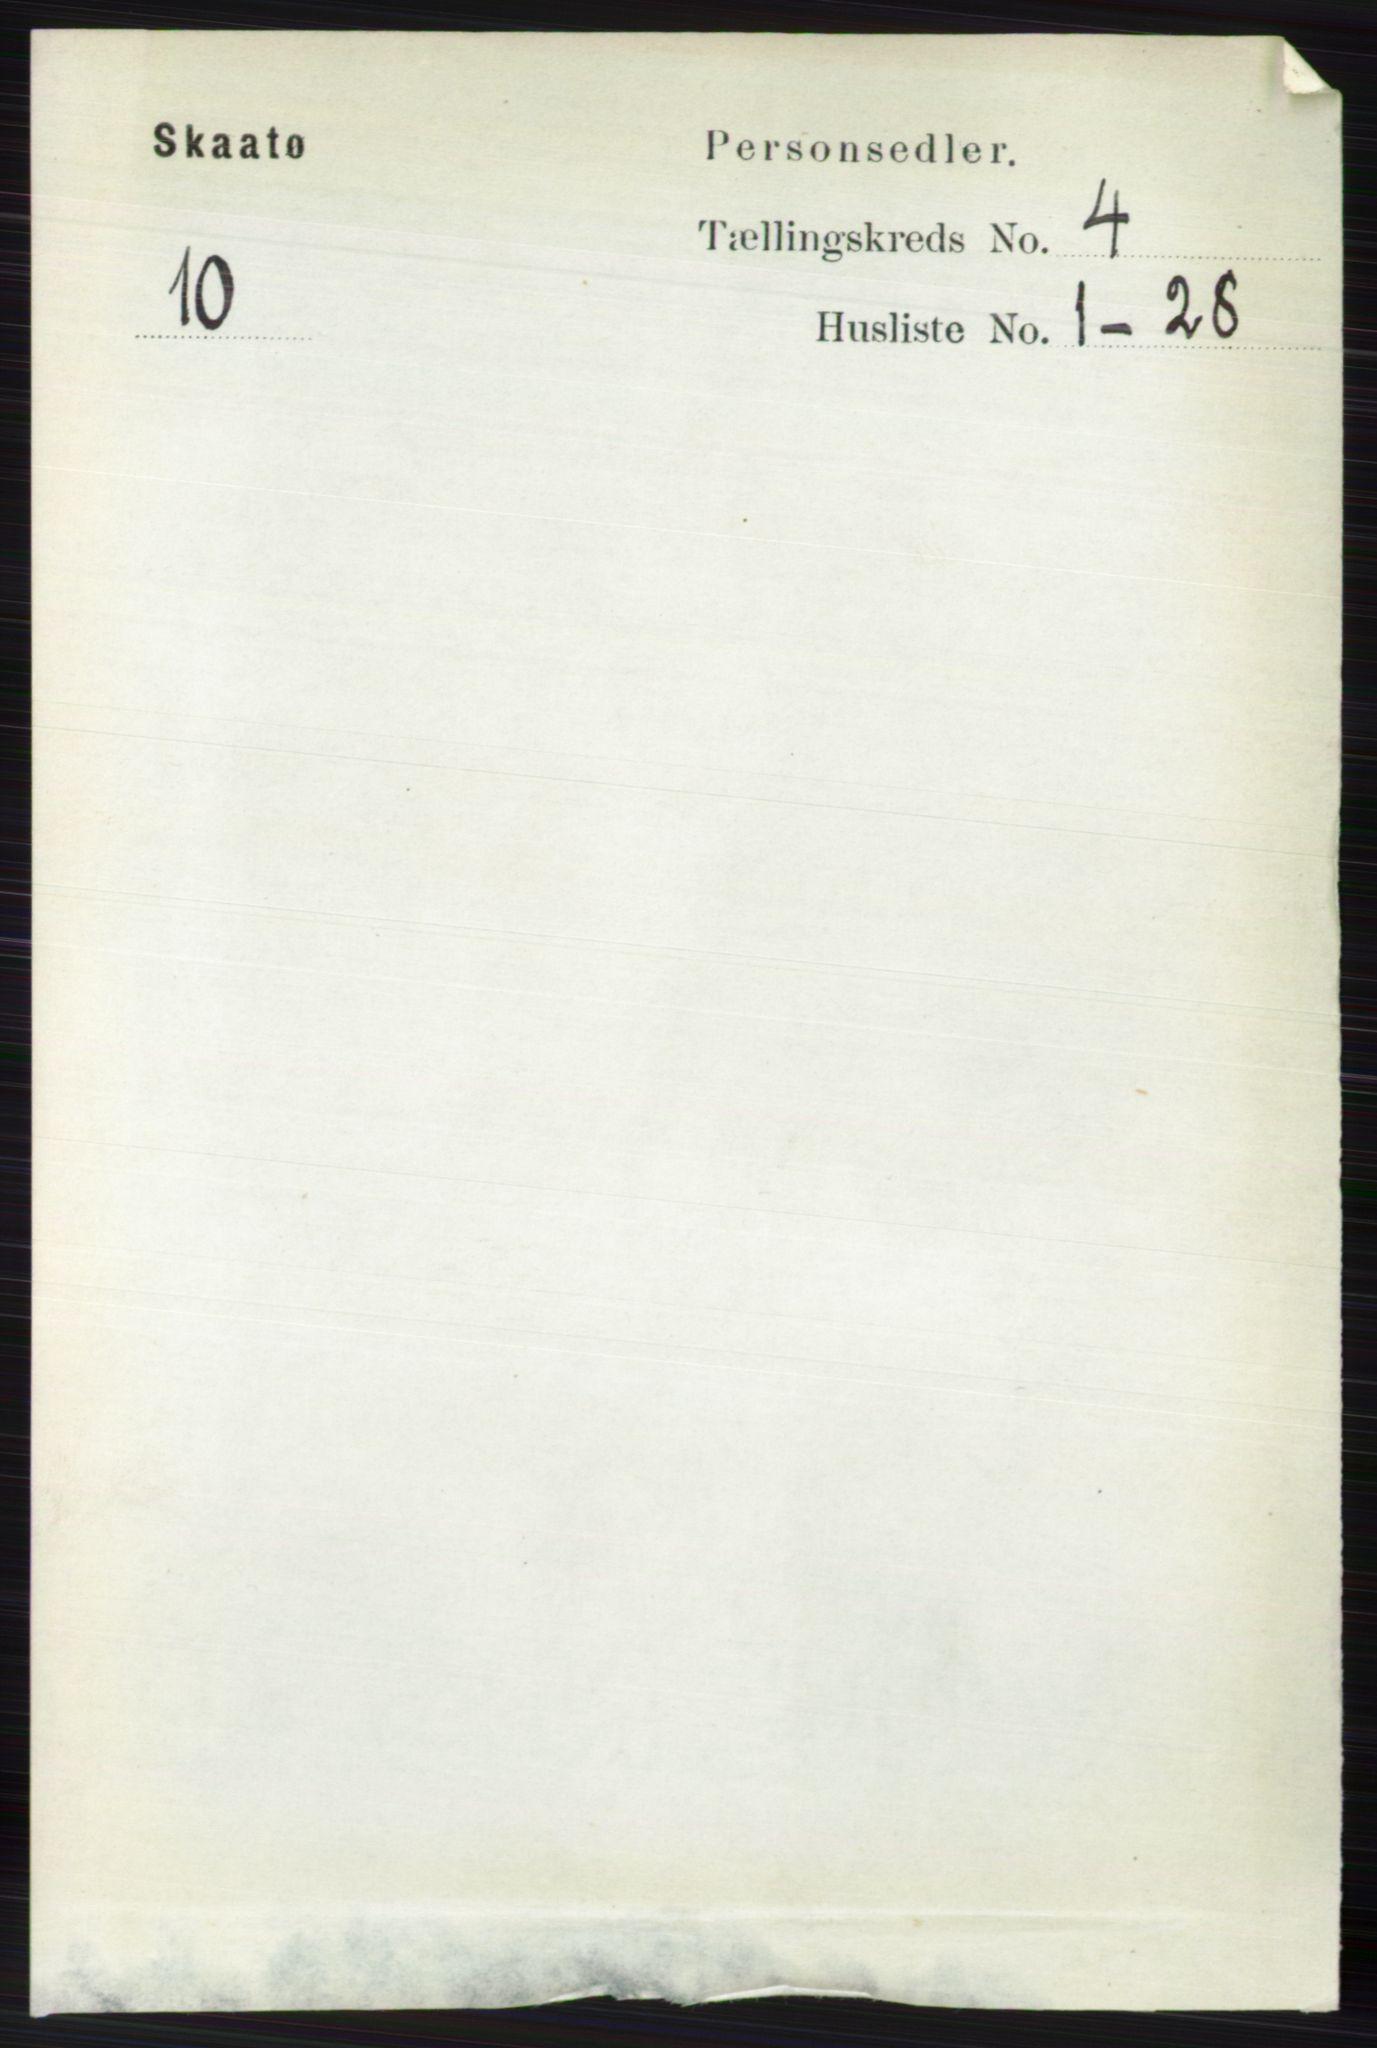 RA, Folketelling 1891 for 0815 Skåtøy herred, 1891, s. 1062